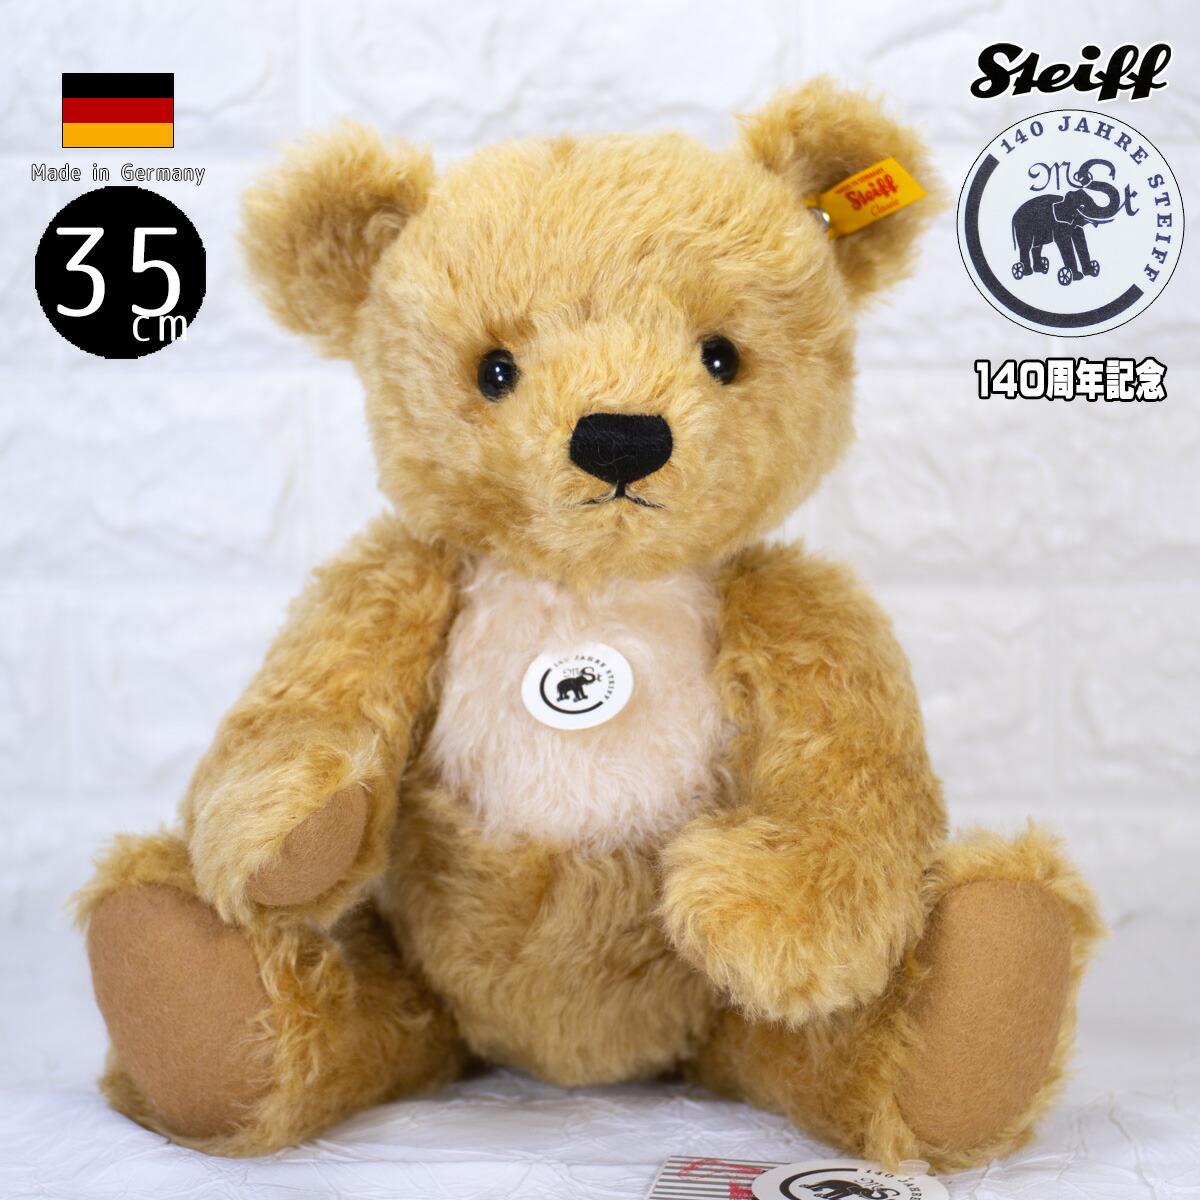 シュタイフ テディベア Steiff テディベア 140周年記念 クラシック パディ テディベア 35cm steiff テディベア CLASSIC PADDY TEDDY BEAR